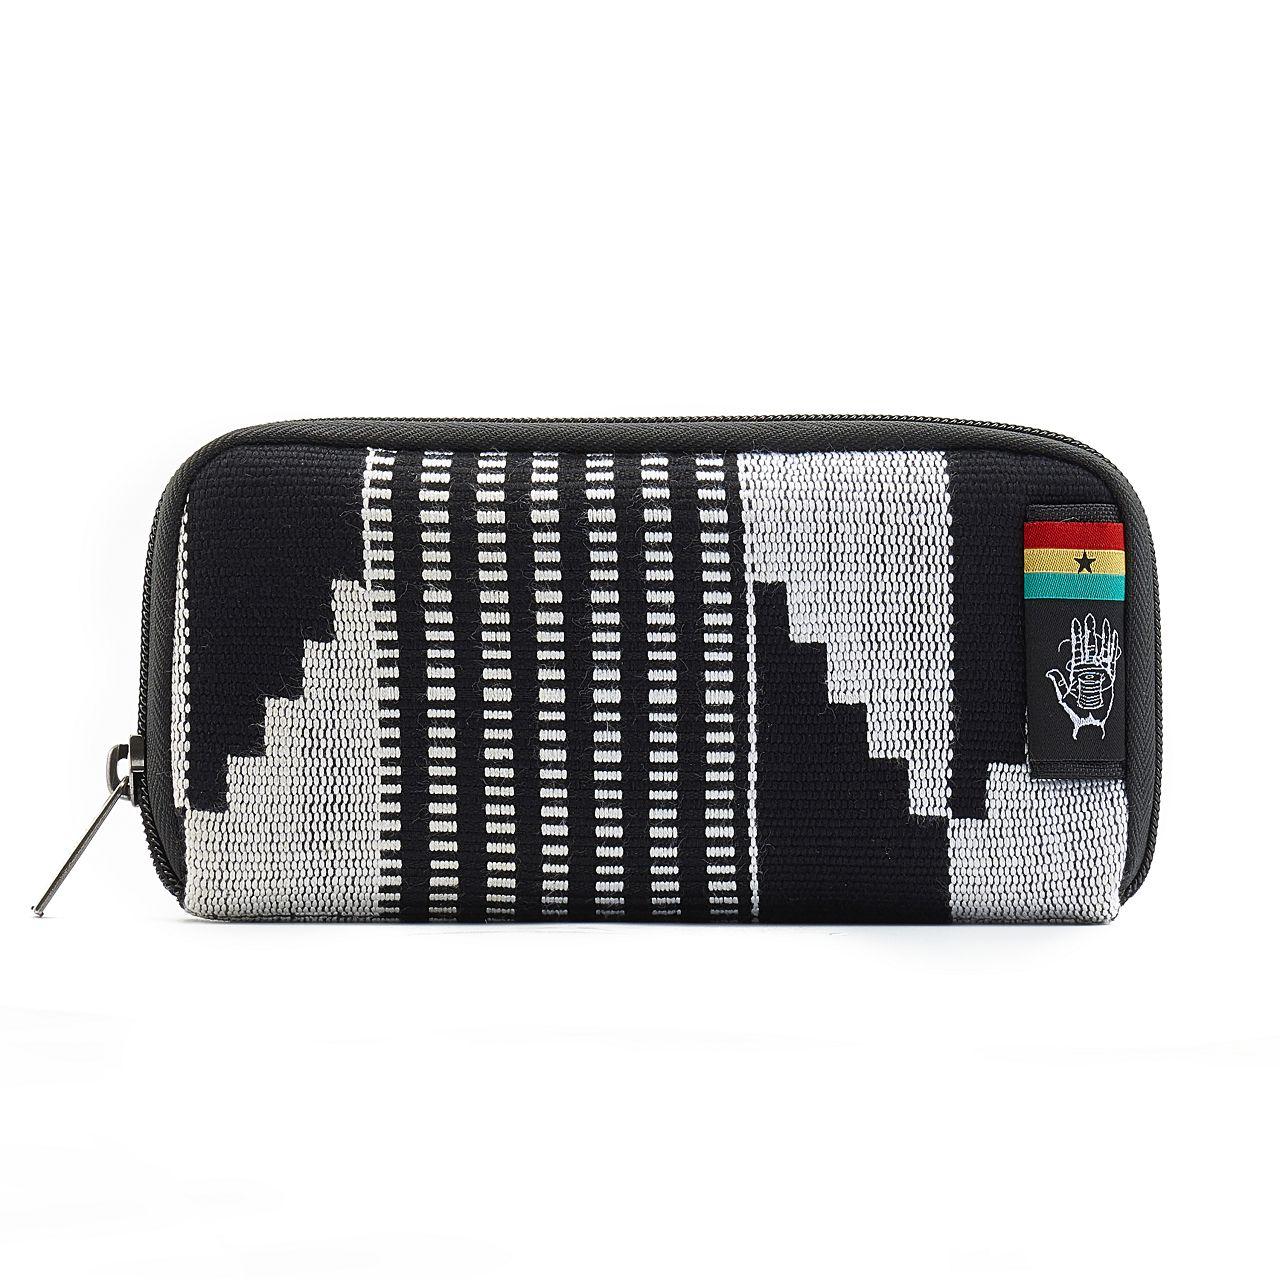 Ethnotek Chiburi Accordion Wallet RFID Block Kente